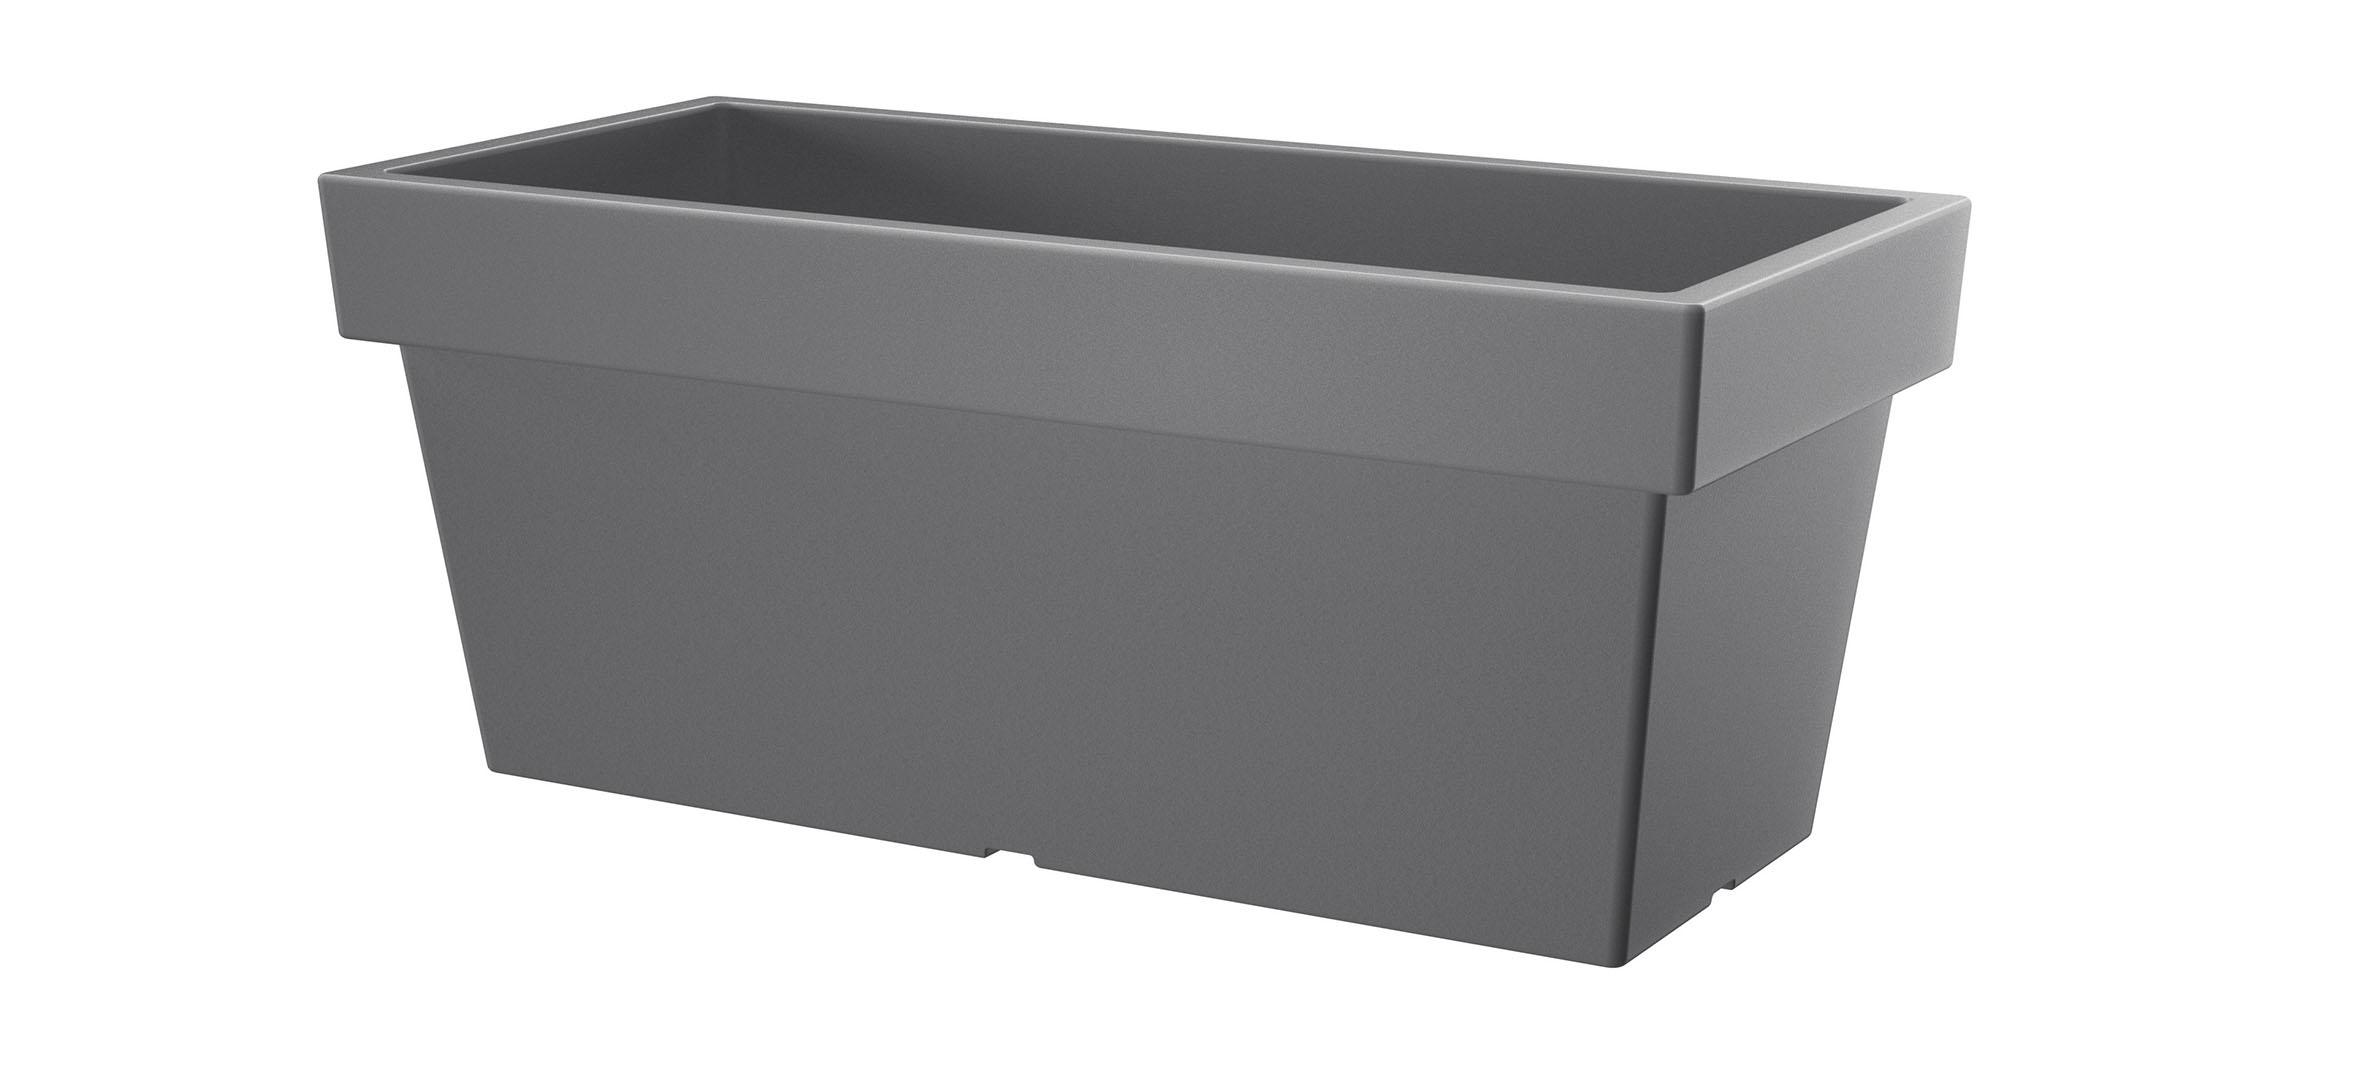 PROSPERPLAST Truhlík LOFLY CASE šedý kámen 99,2cm